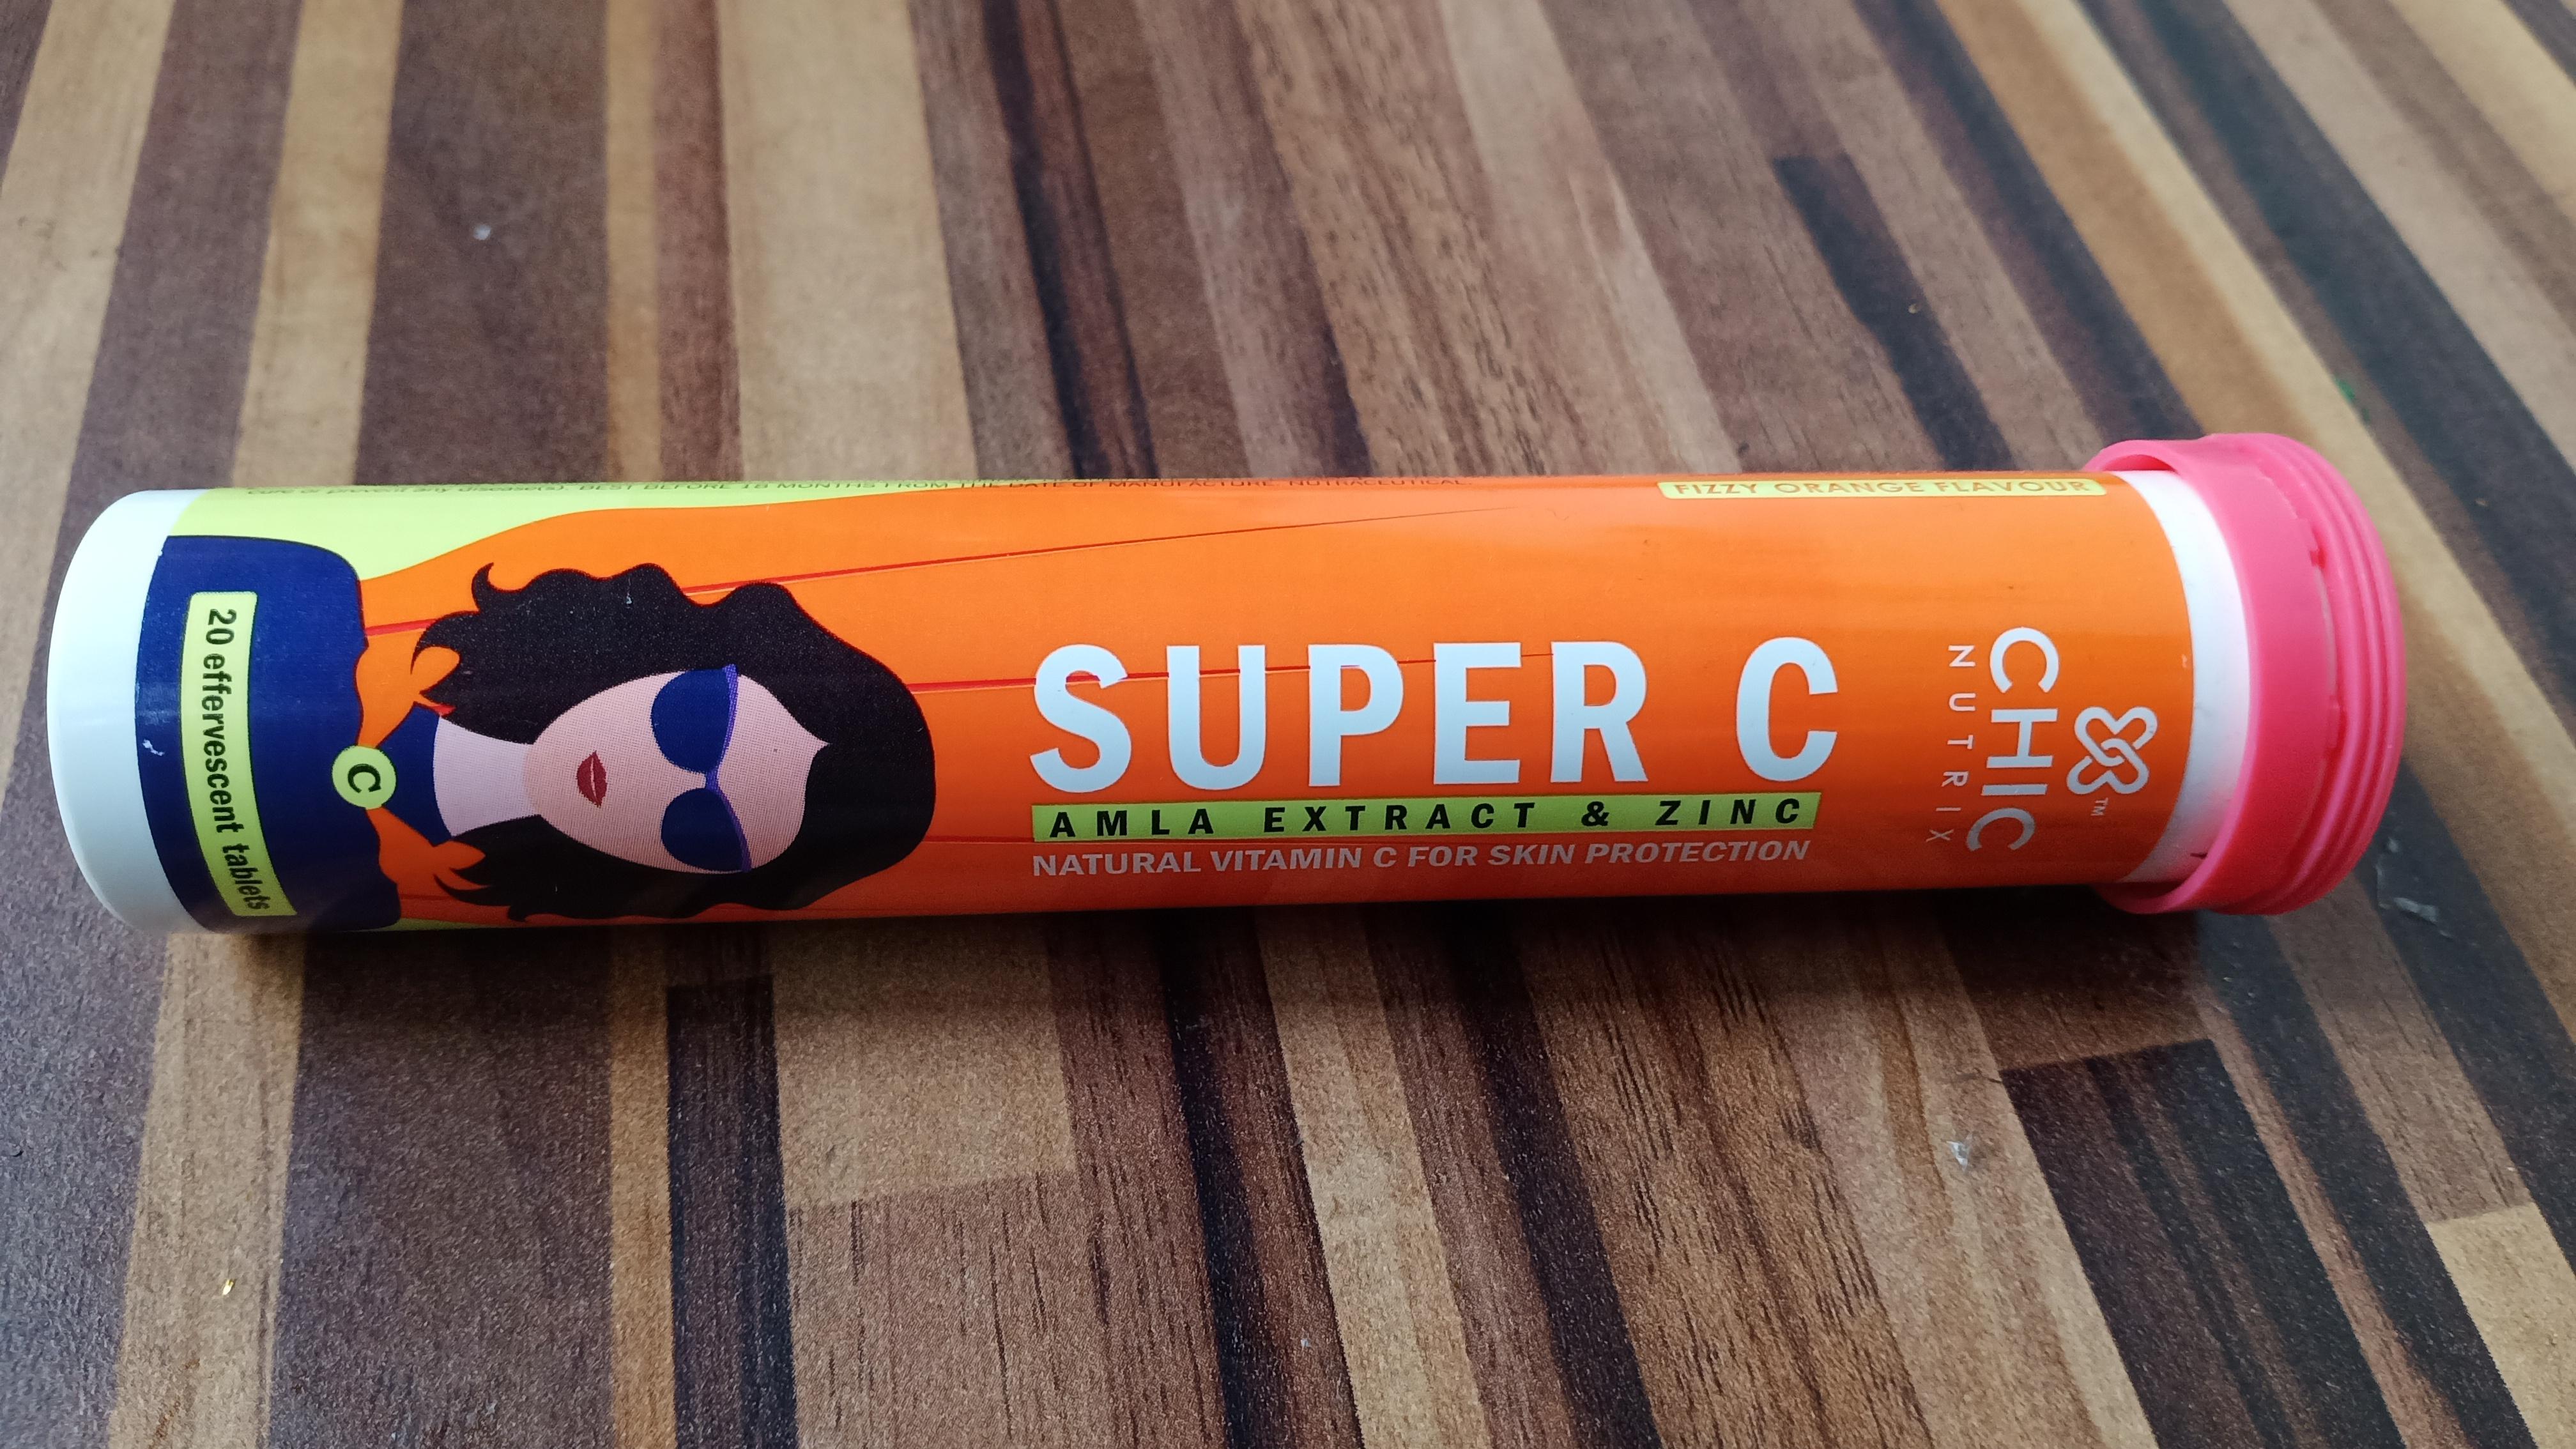 Chicnutrix Super C-Super C-By ahana_sengupta